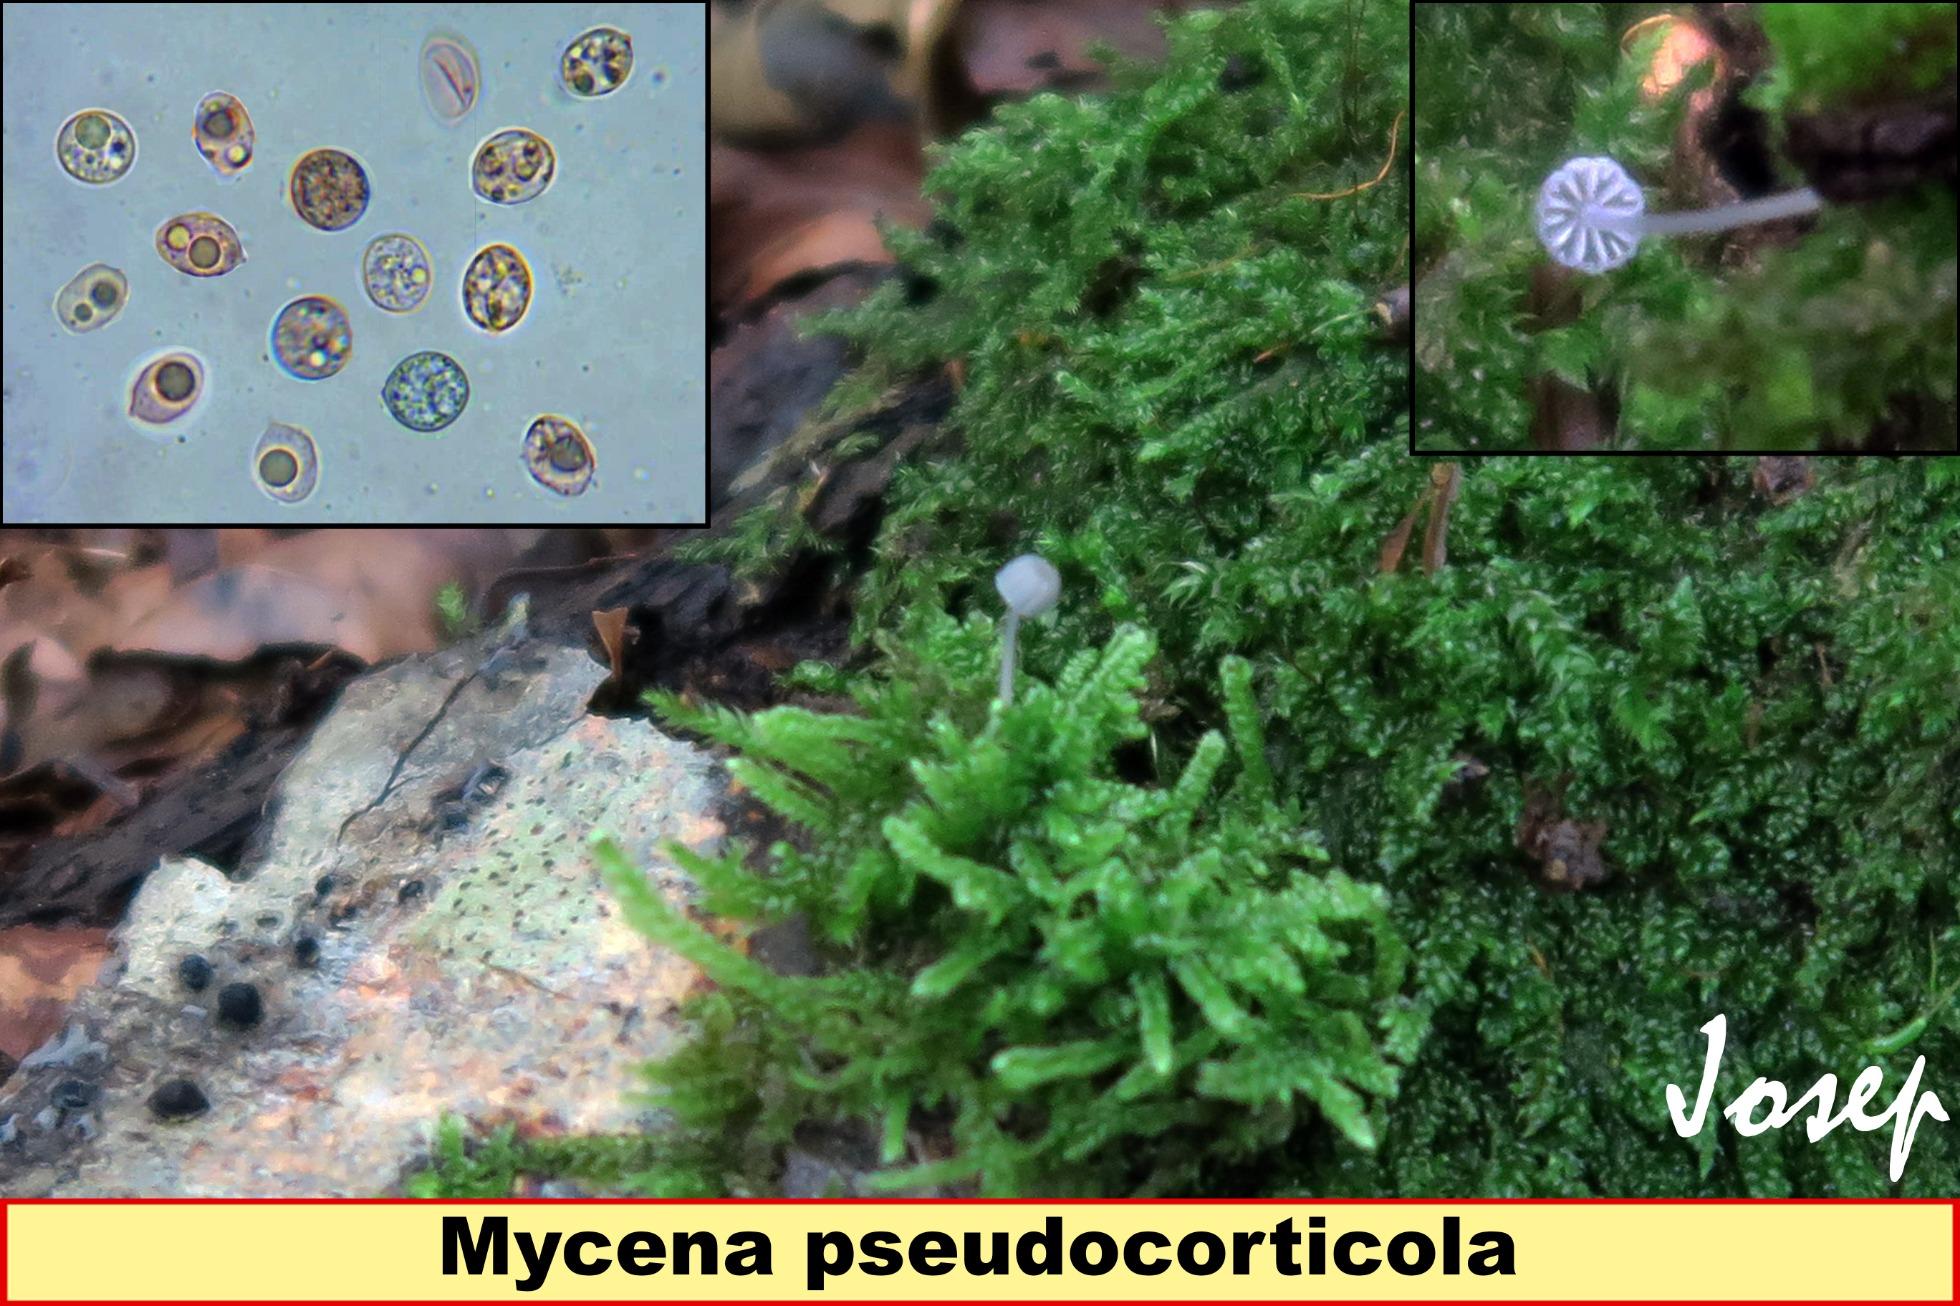 Mycenapseudocorticola_2018-12-04.jpg